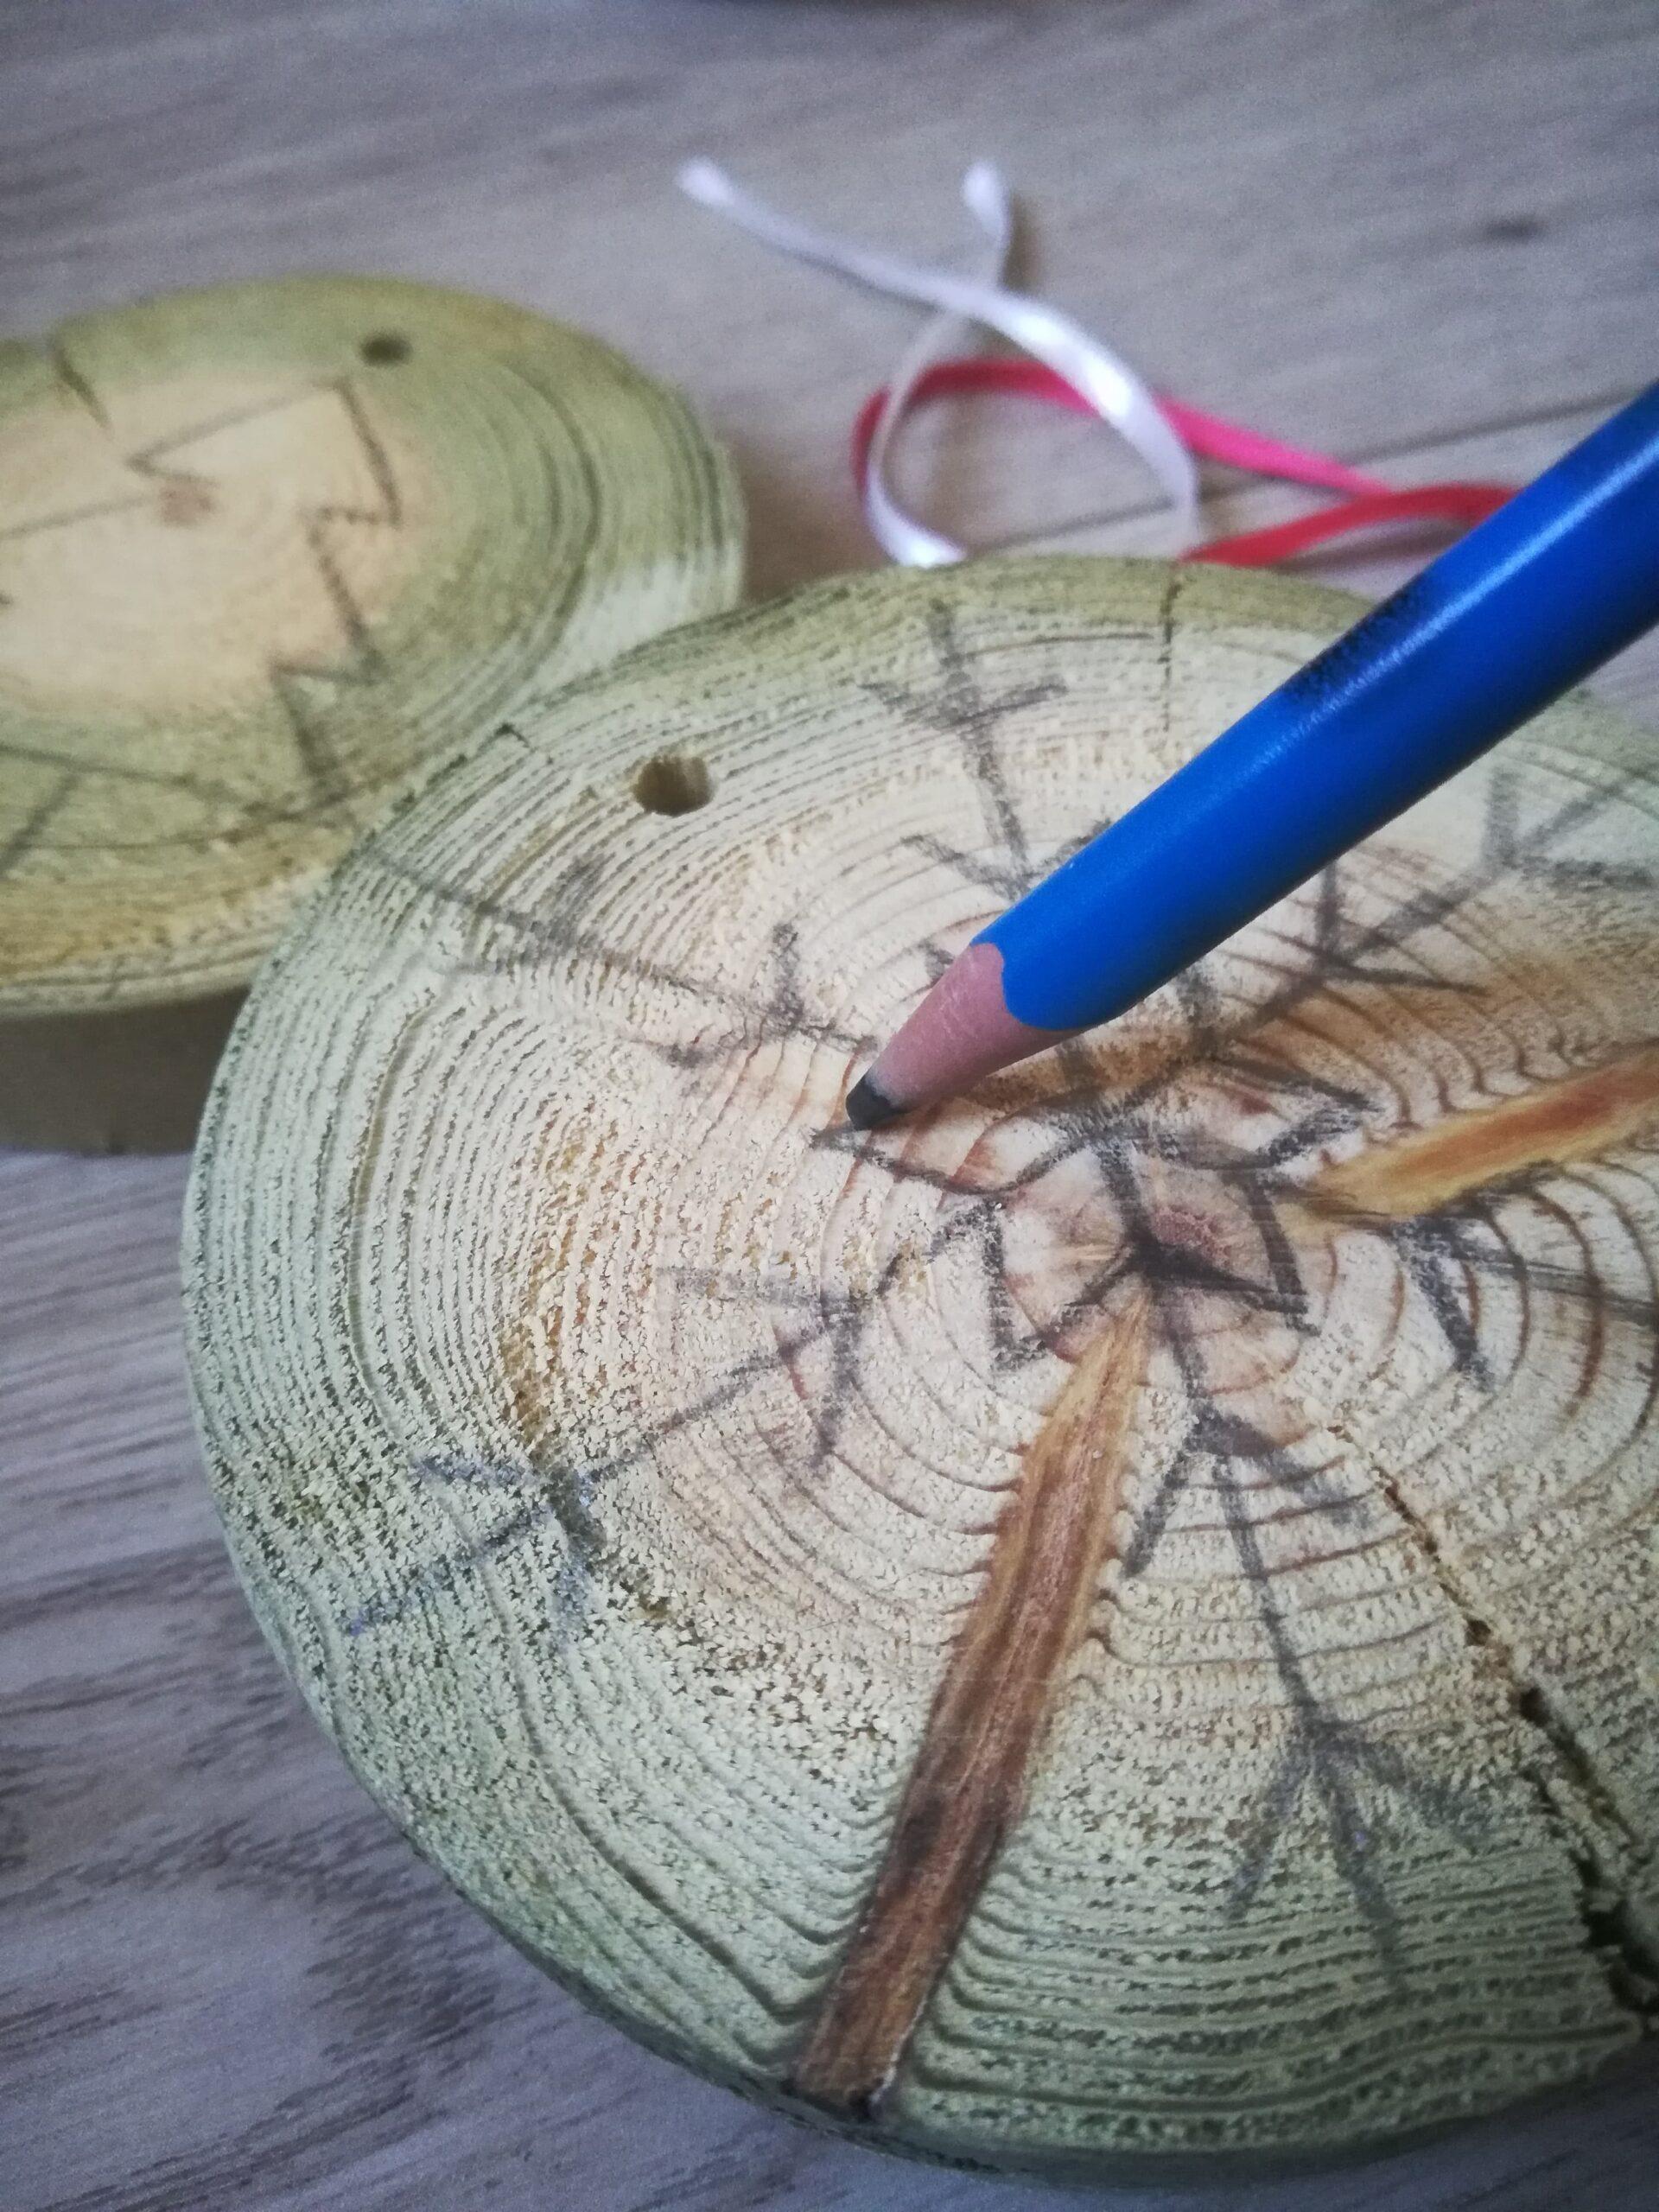 Sur une rondelle de bois, un flocon de neige se dessine. Un crayon de papier a sa pointe posée sur le bois, quelqu'un que nous ne voyons pas le tient et dessine avec.